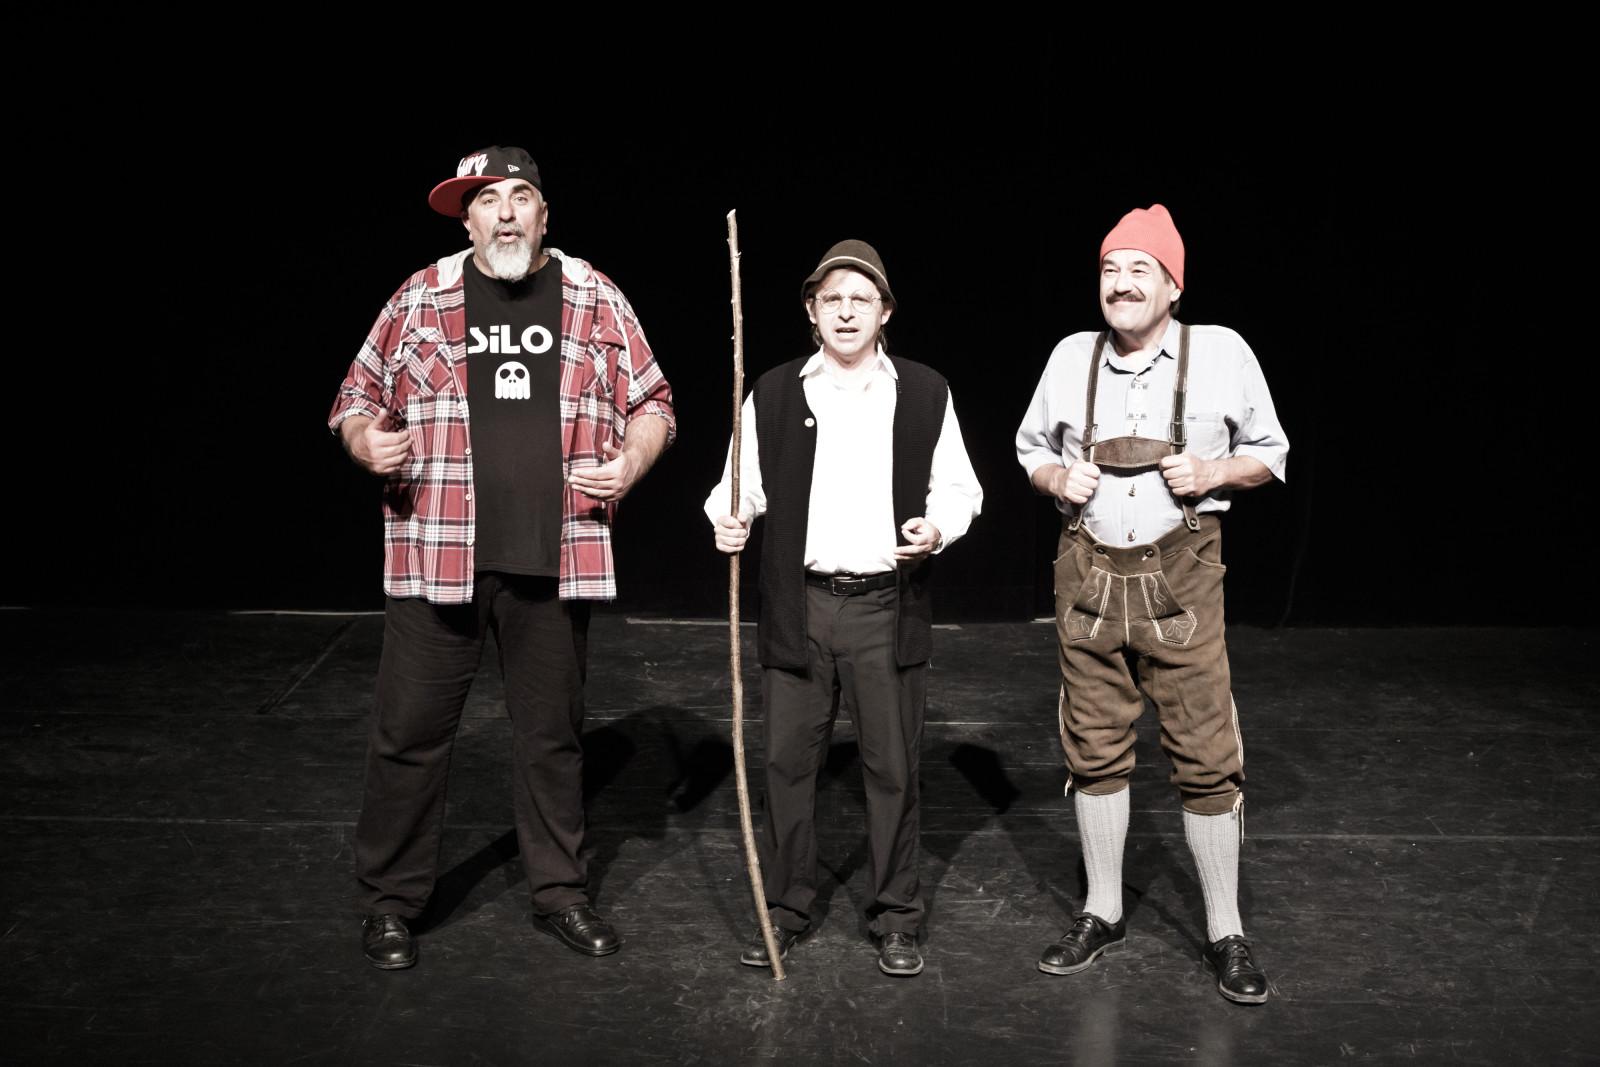 Auf der Bühne mit seinen zwei Kollegen.